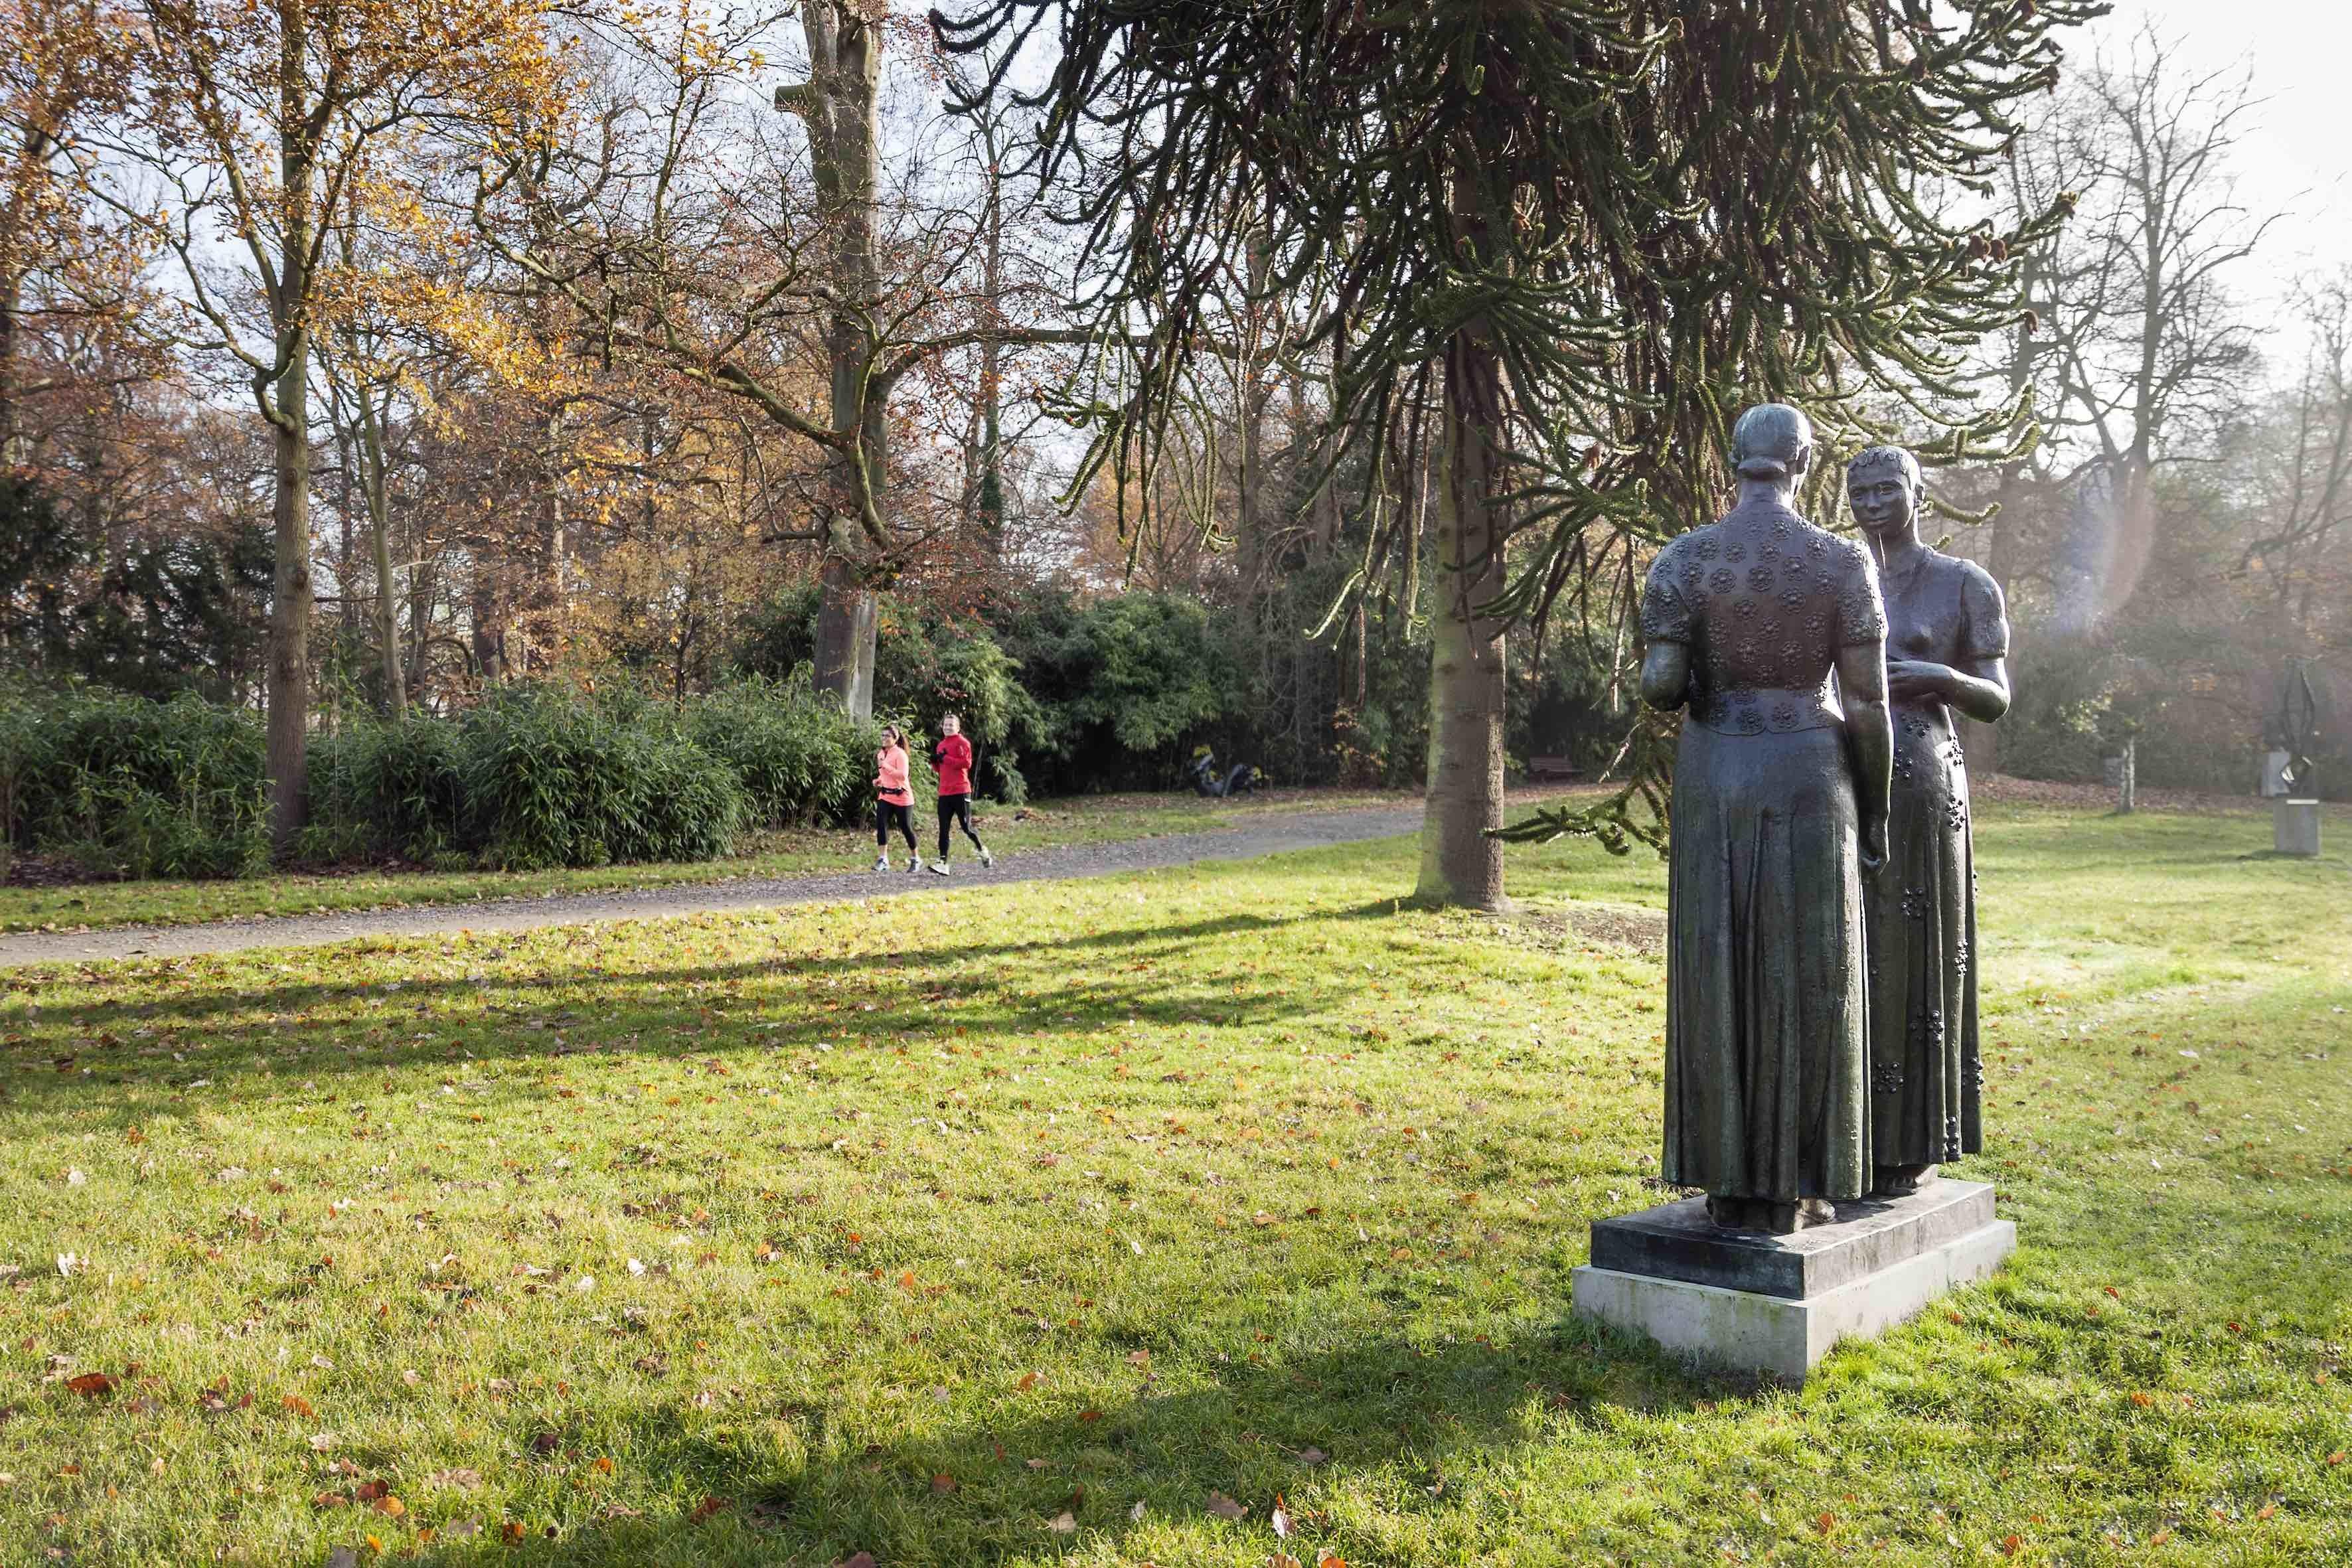 An Brys – Middelheimmuseum.